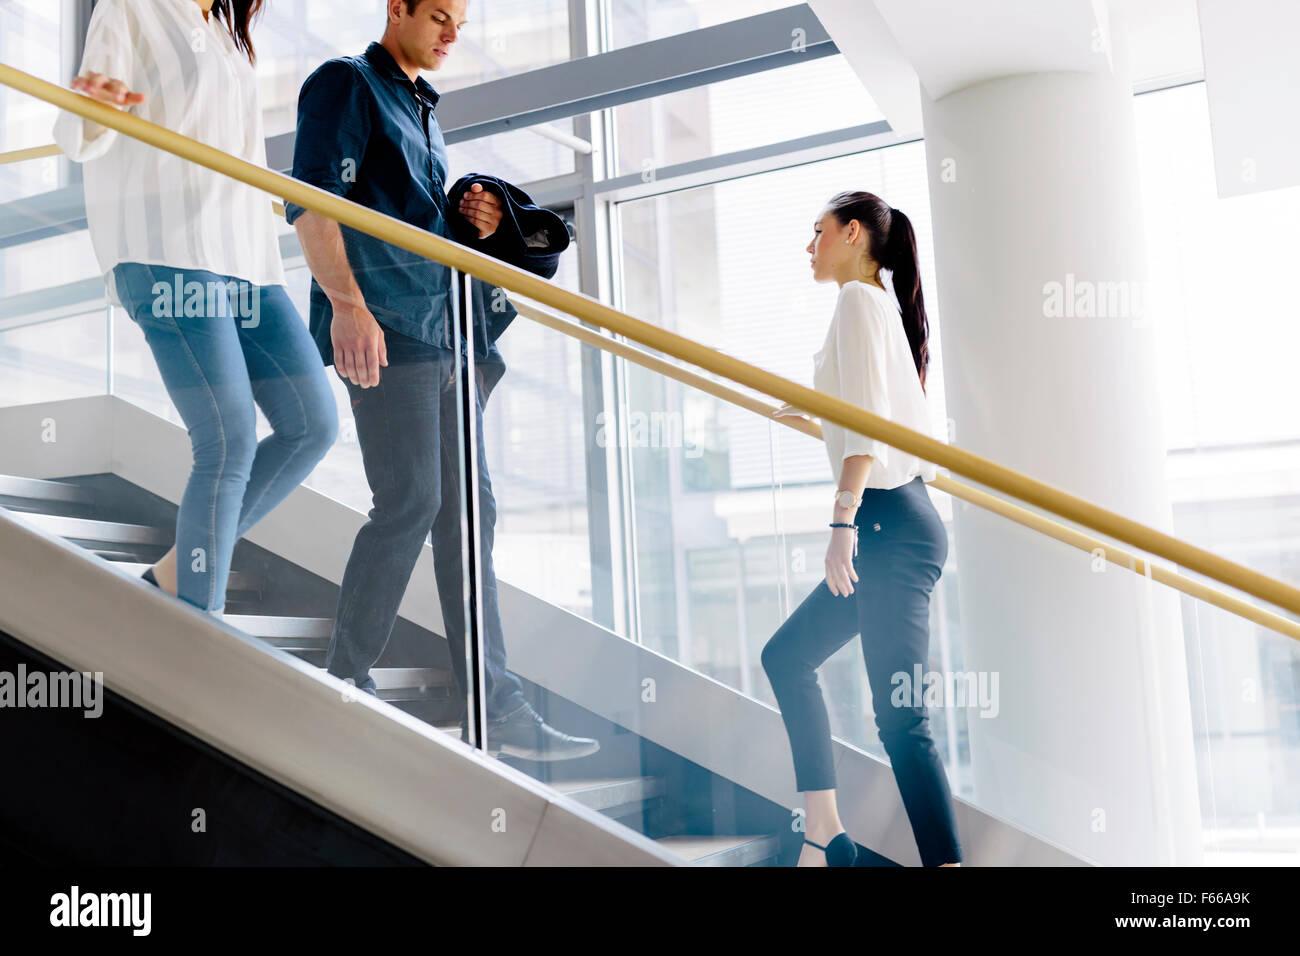 Grupo de empresario caminando y tomar las escaleras en un edificio de oficinas Imagen De Stock